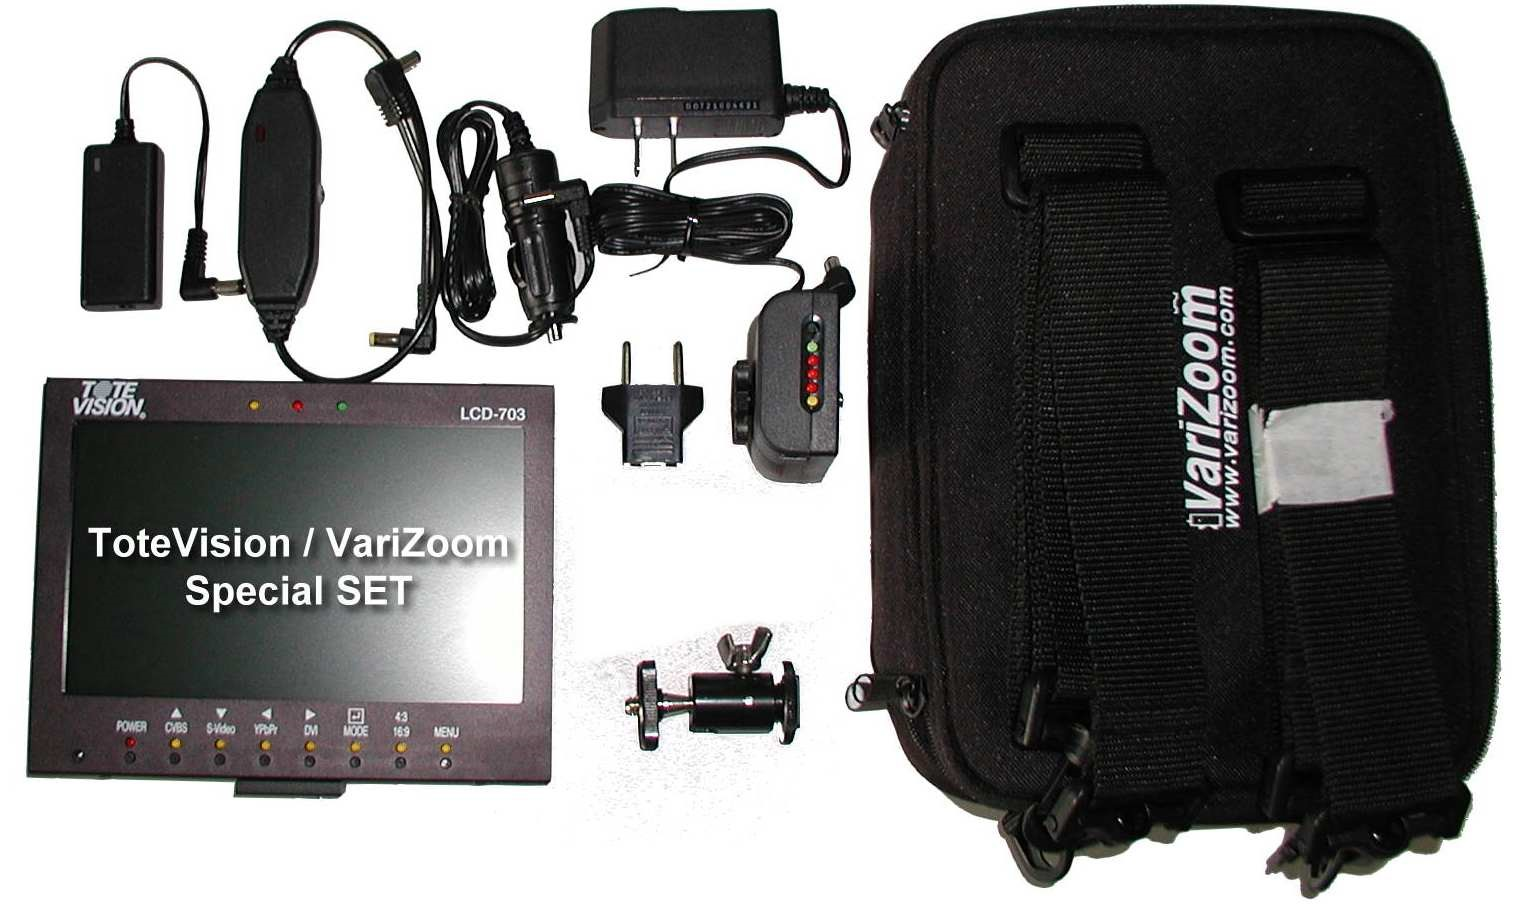 Artikelfoto 1 ToteVision LCD-703 HD Set Monitor mit Akkusystem und Tasche